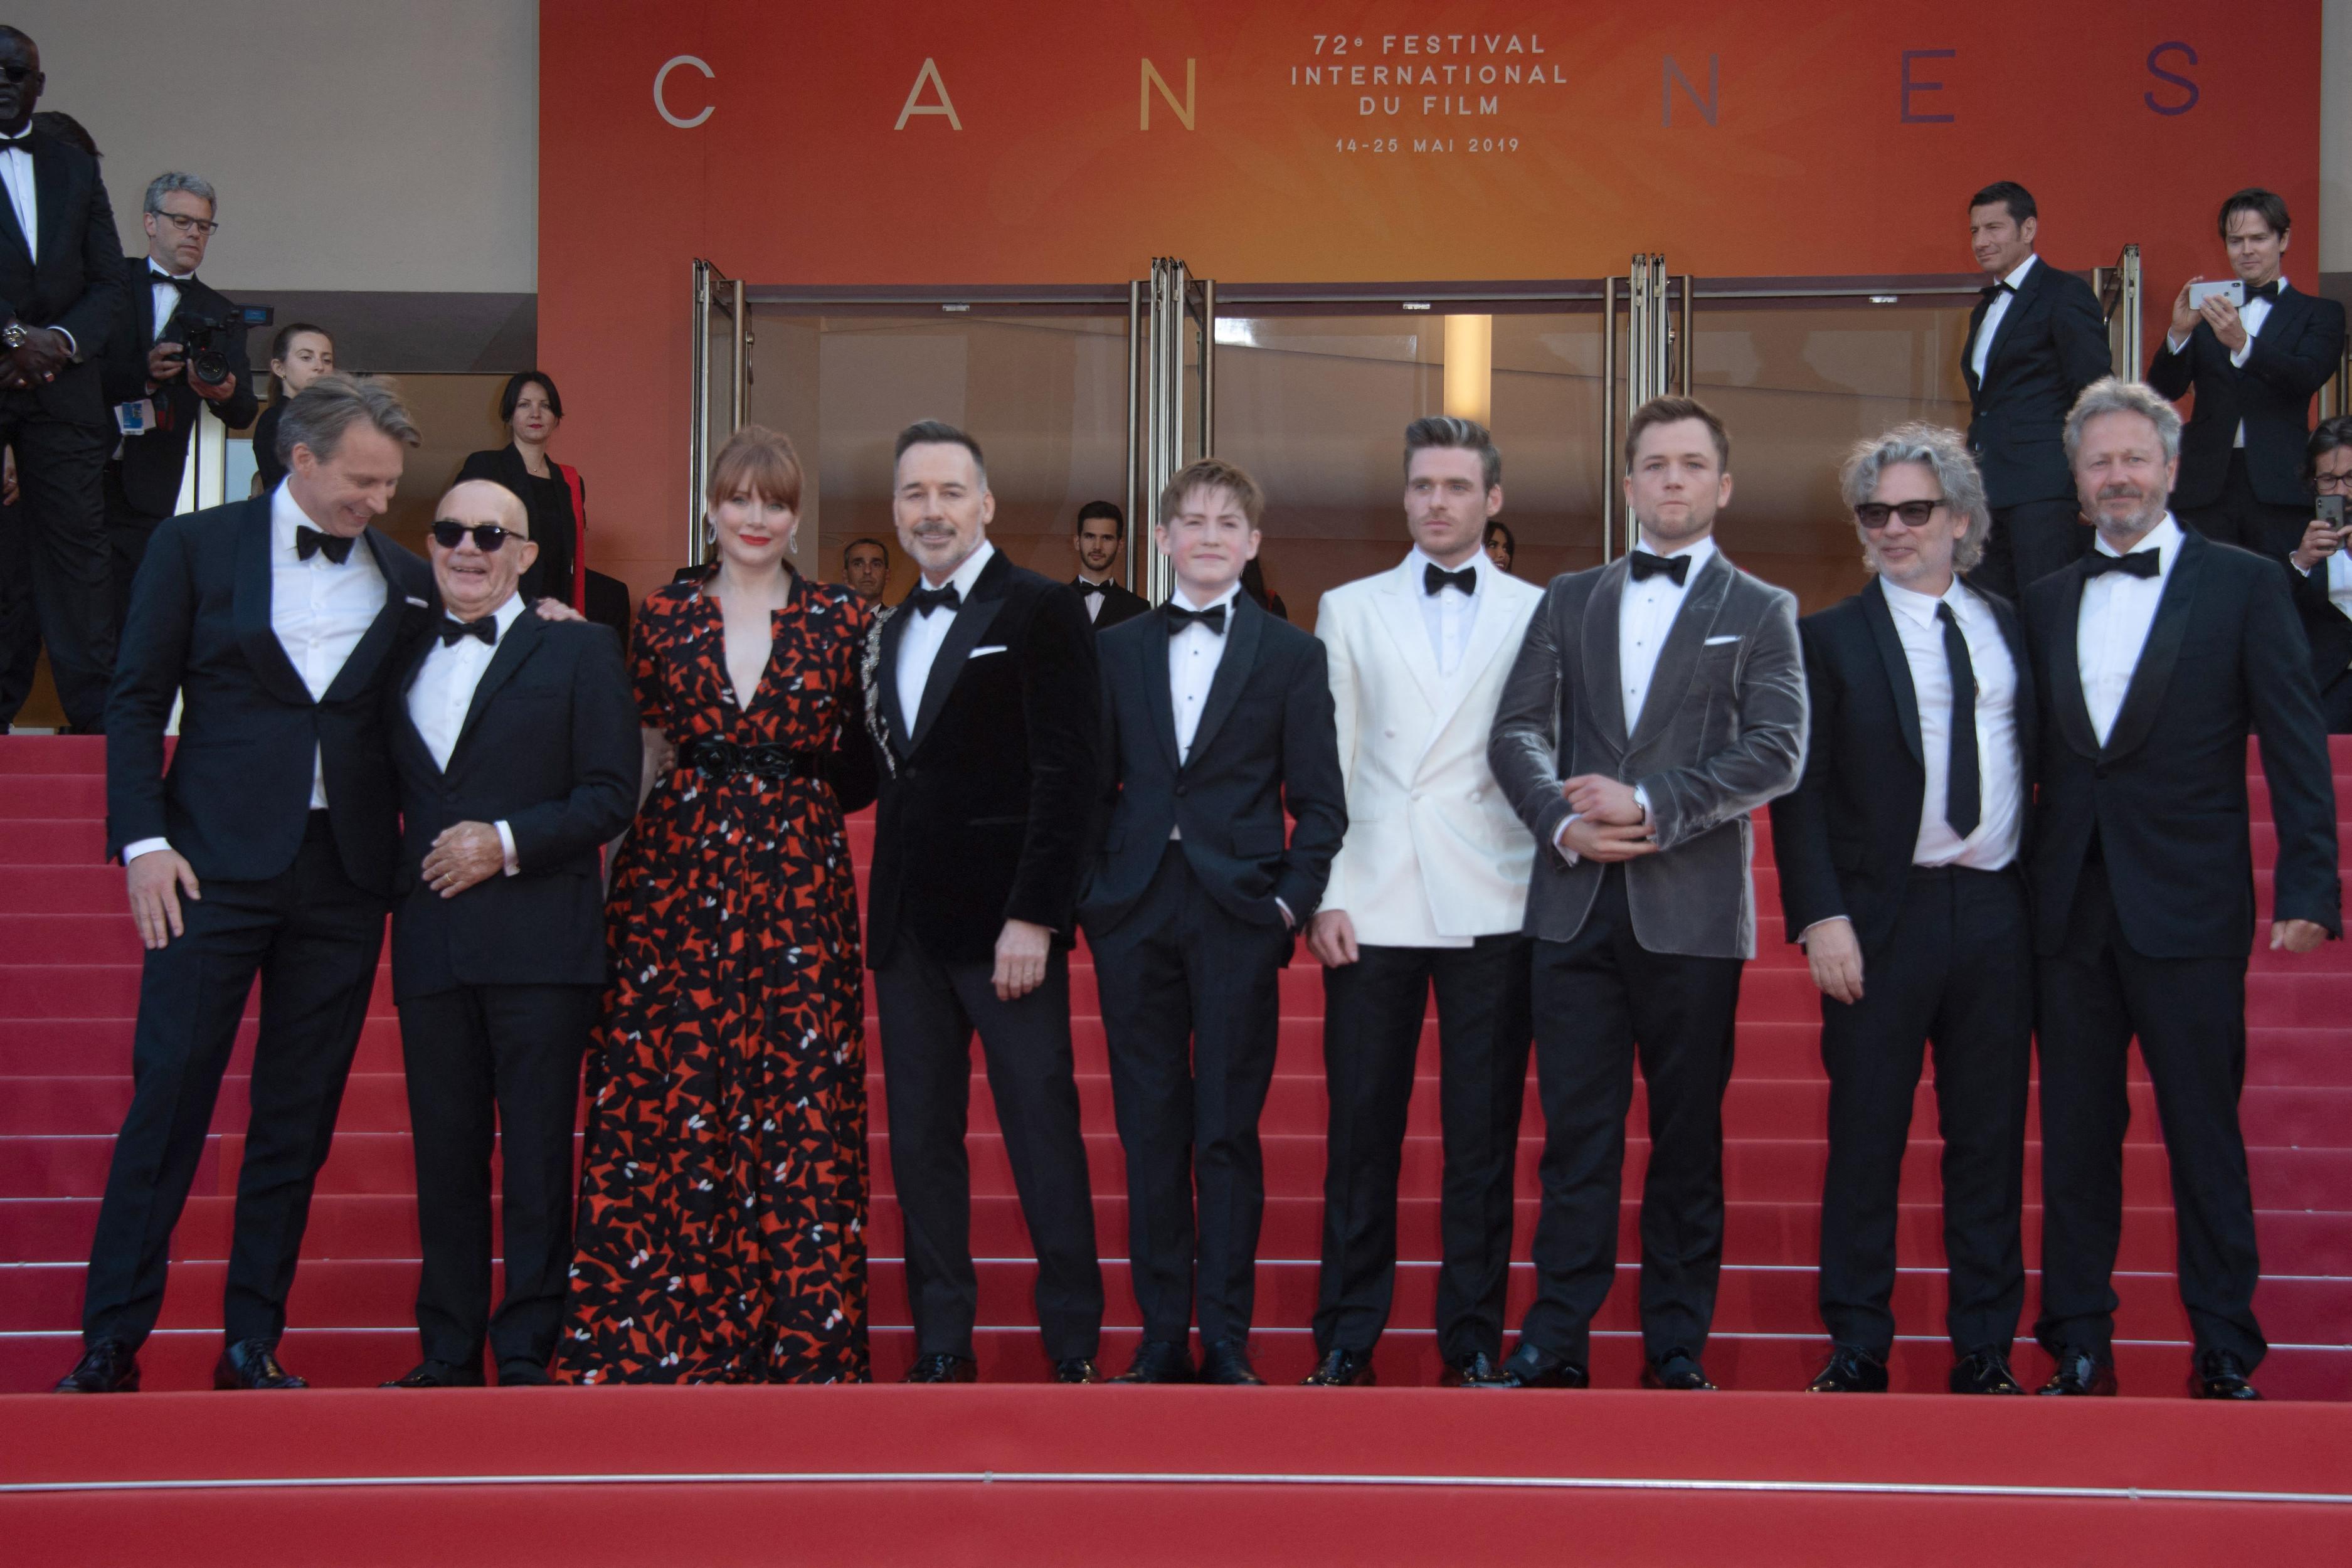 戛纳电影节DAY3:吴彦祖李宇春现身红毯,《火箭人》令人惊喜